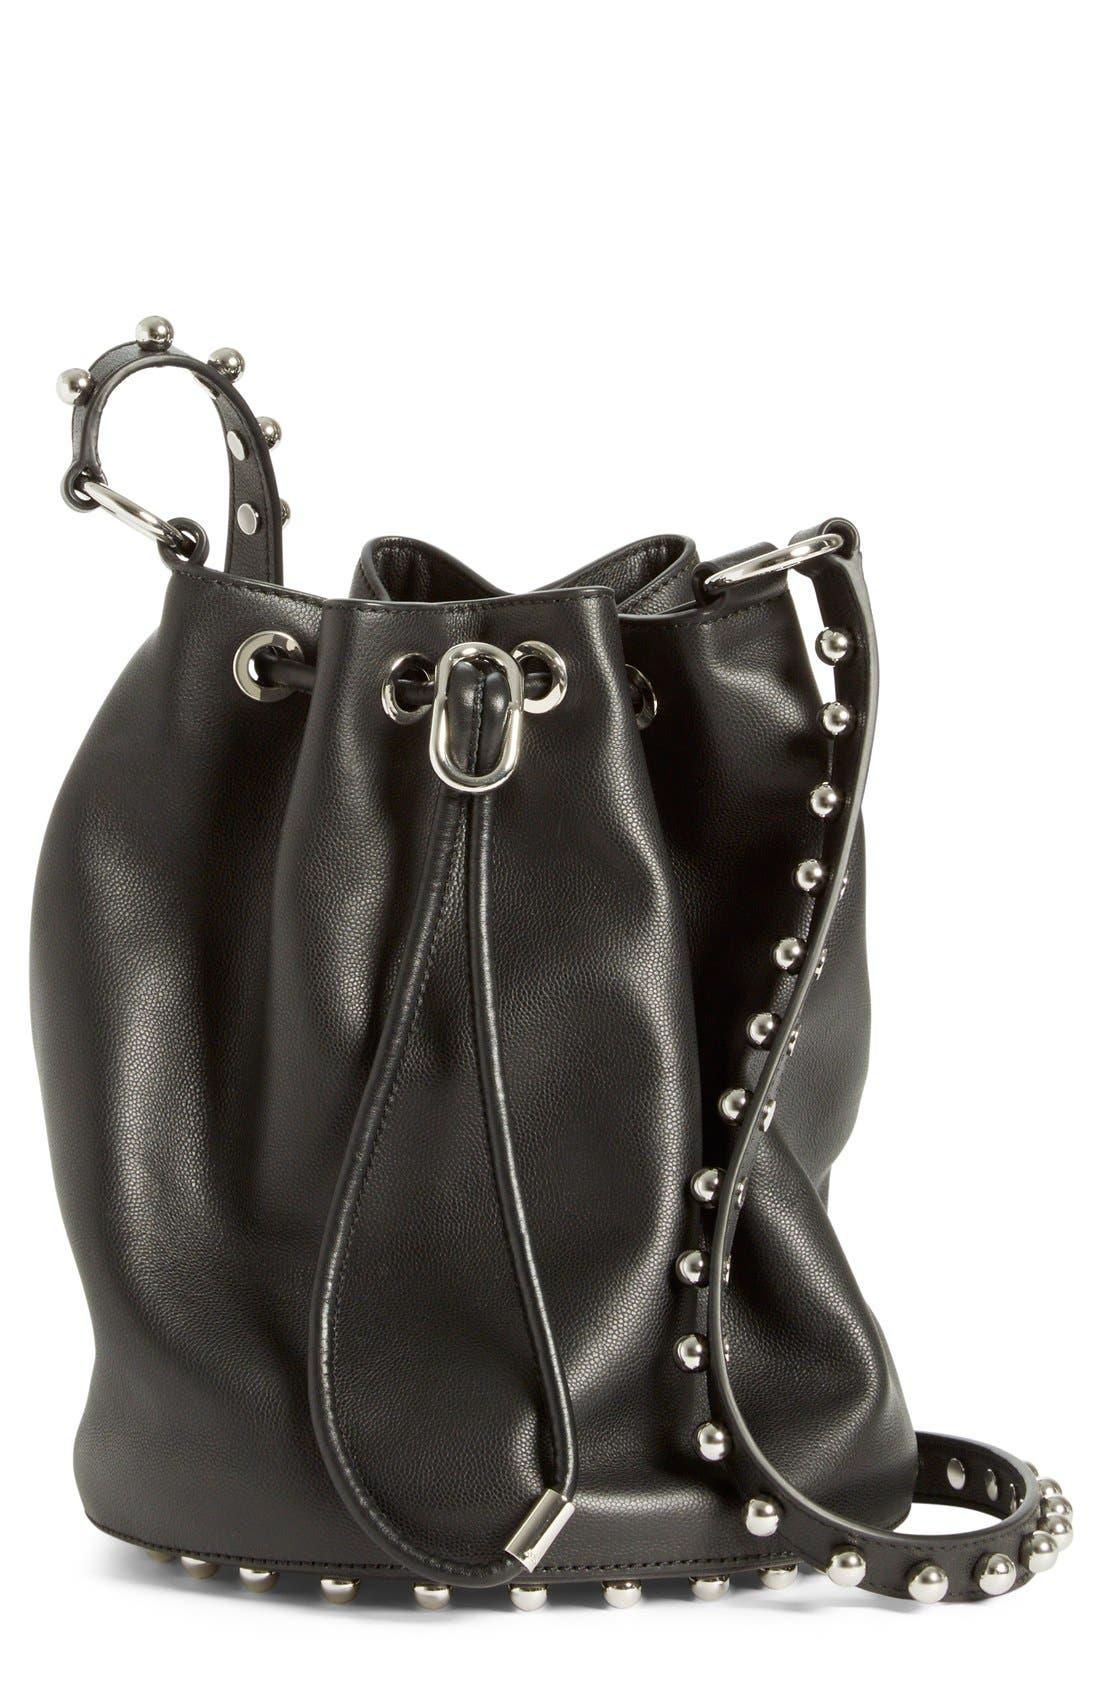 ALEXANDER WANG 'Alfa' Studded Leather Bucket Bag, Main, color, 001